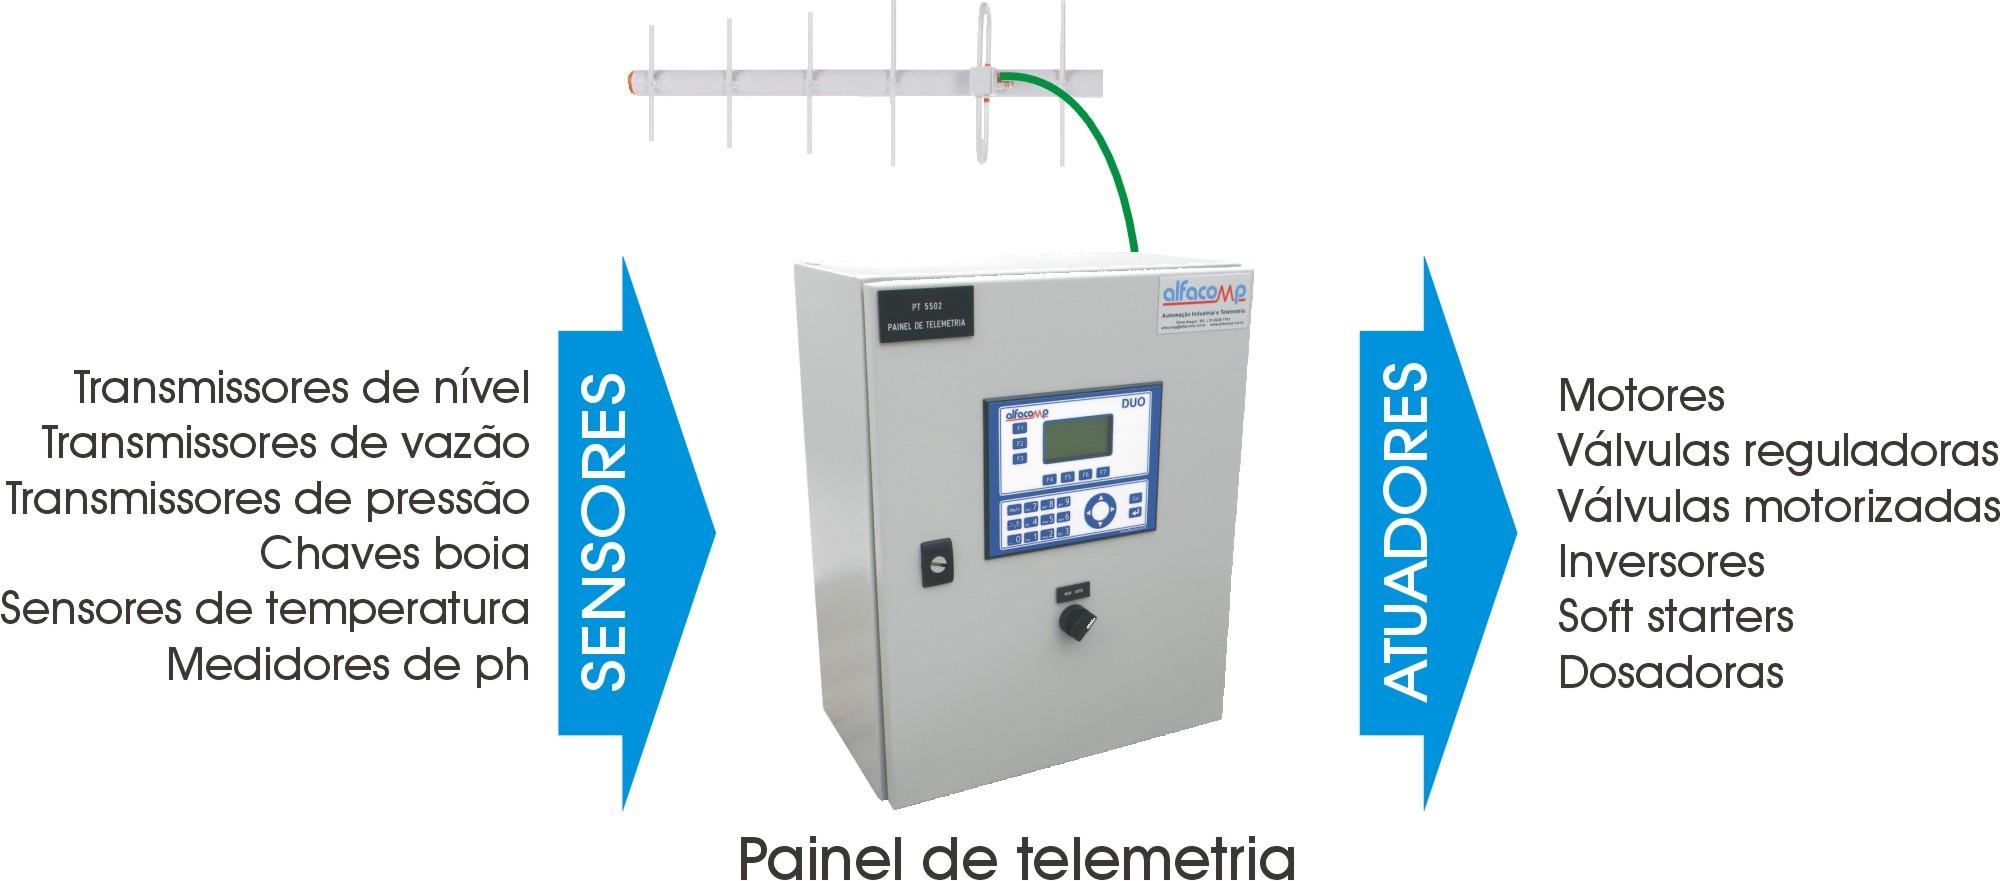 A contribuição dos sistemas de automação na melhoria do desempenho de empresas de saneamento